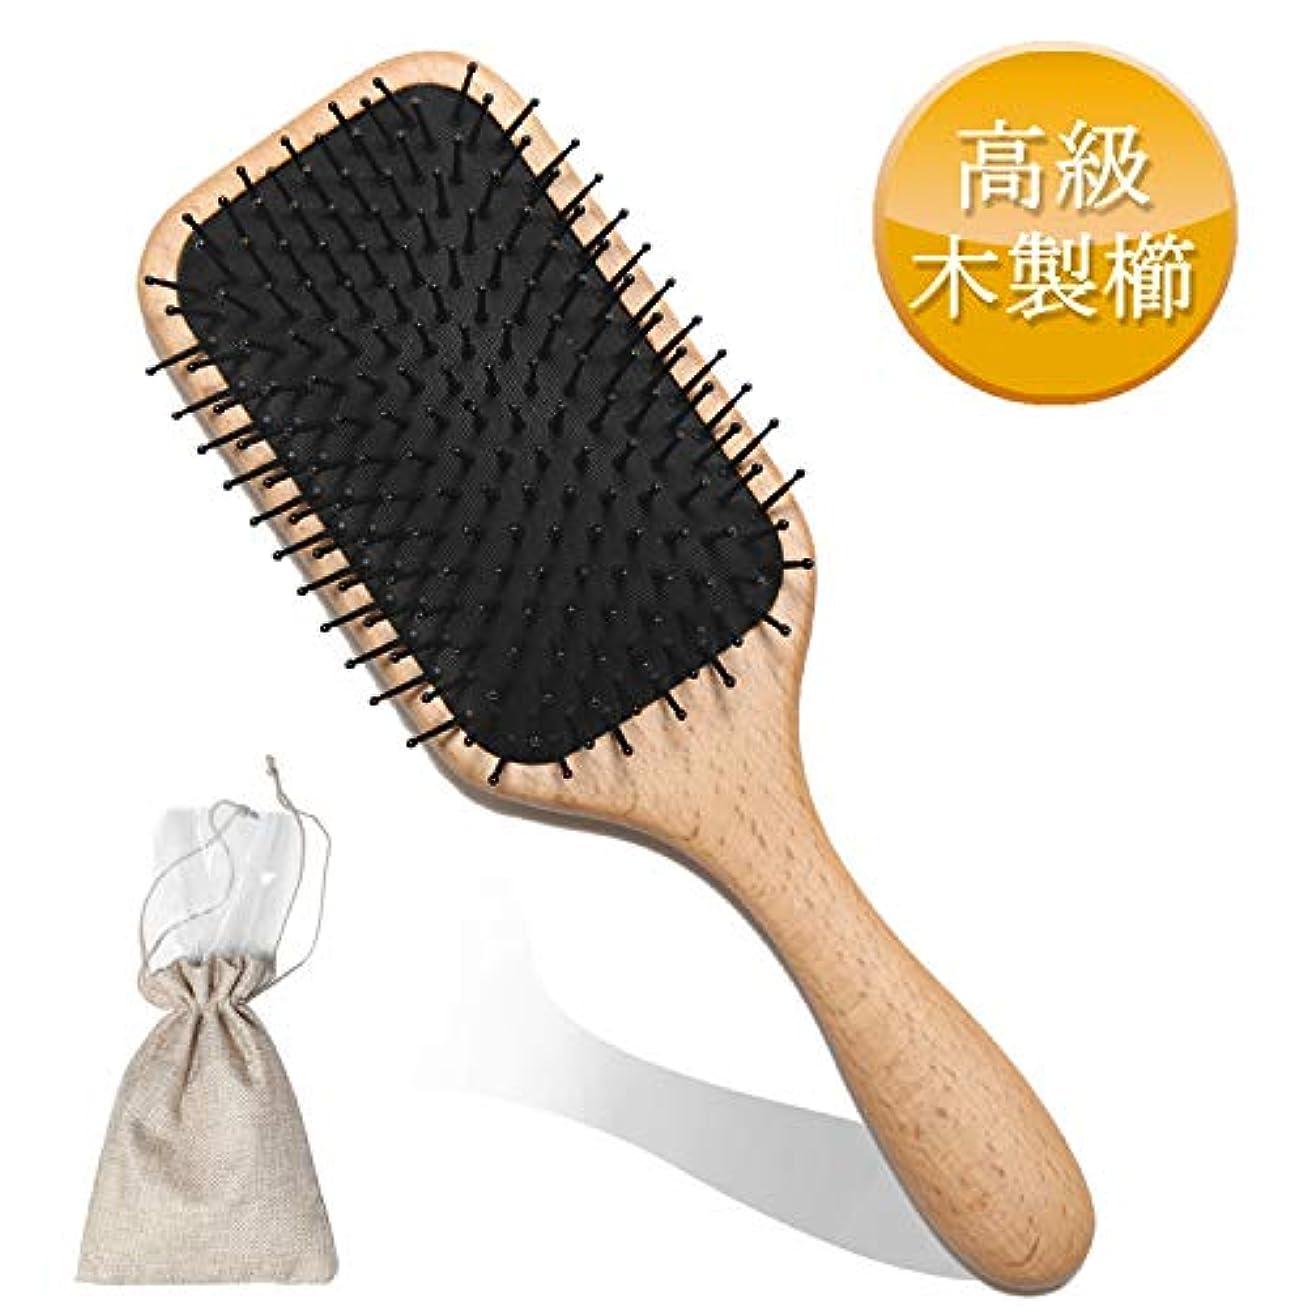 品み例示するGAKIA ヘアブラシ 木製 パドルブラシ くし ヘアケア 血行促進 薄毛改善 頭皮マッサージ 木製櫛 艶髪 美髪ケア 頭皮に優しい メンズ?レディース?キッズに適用 母の日 ギフト